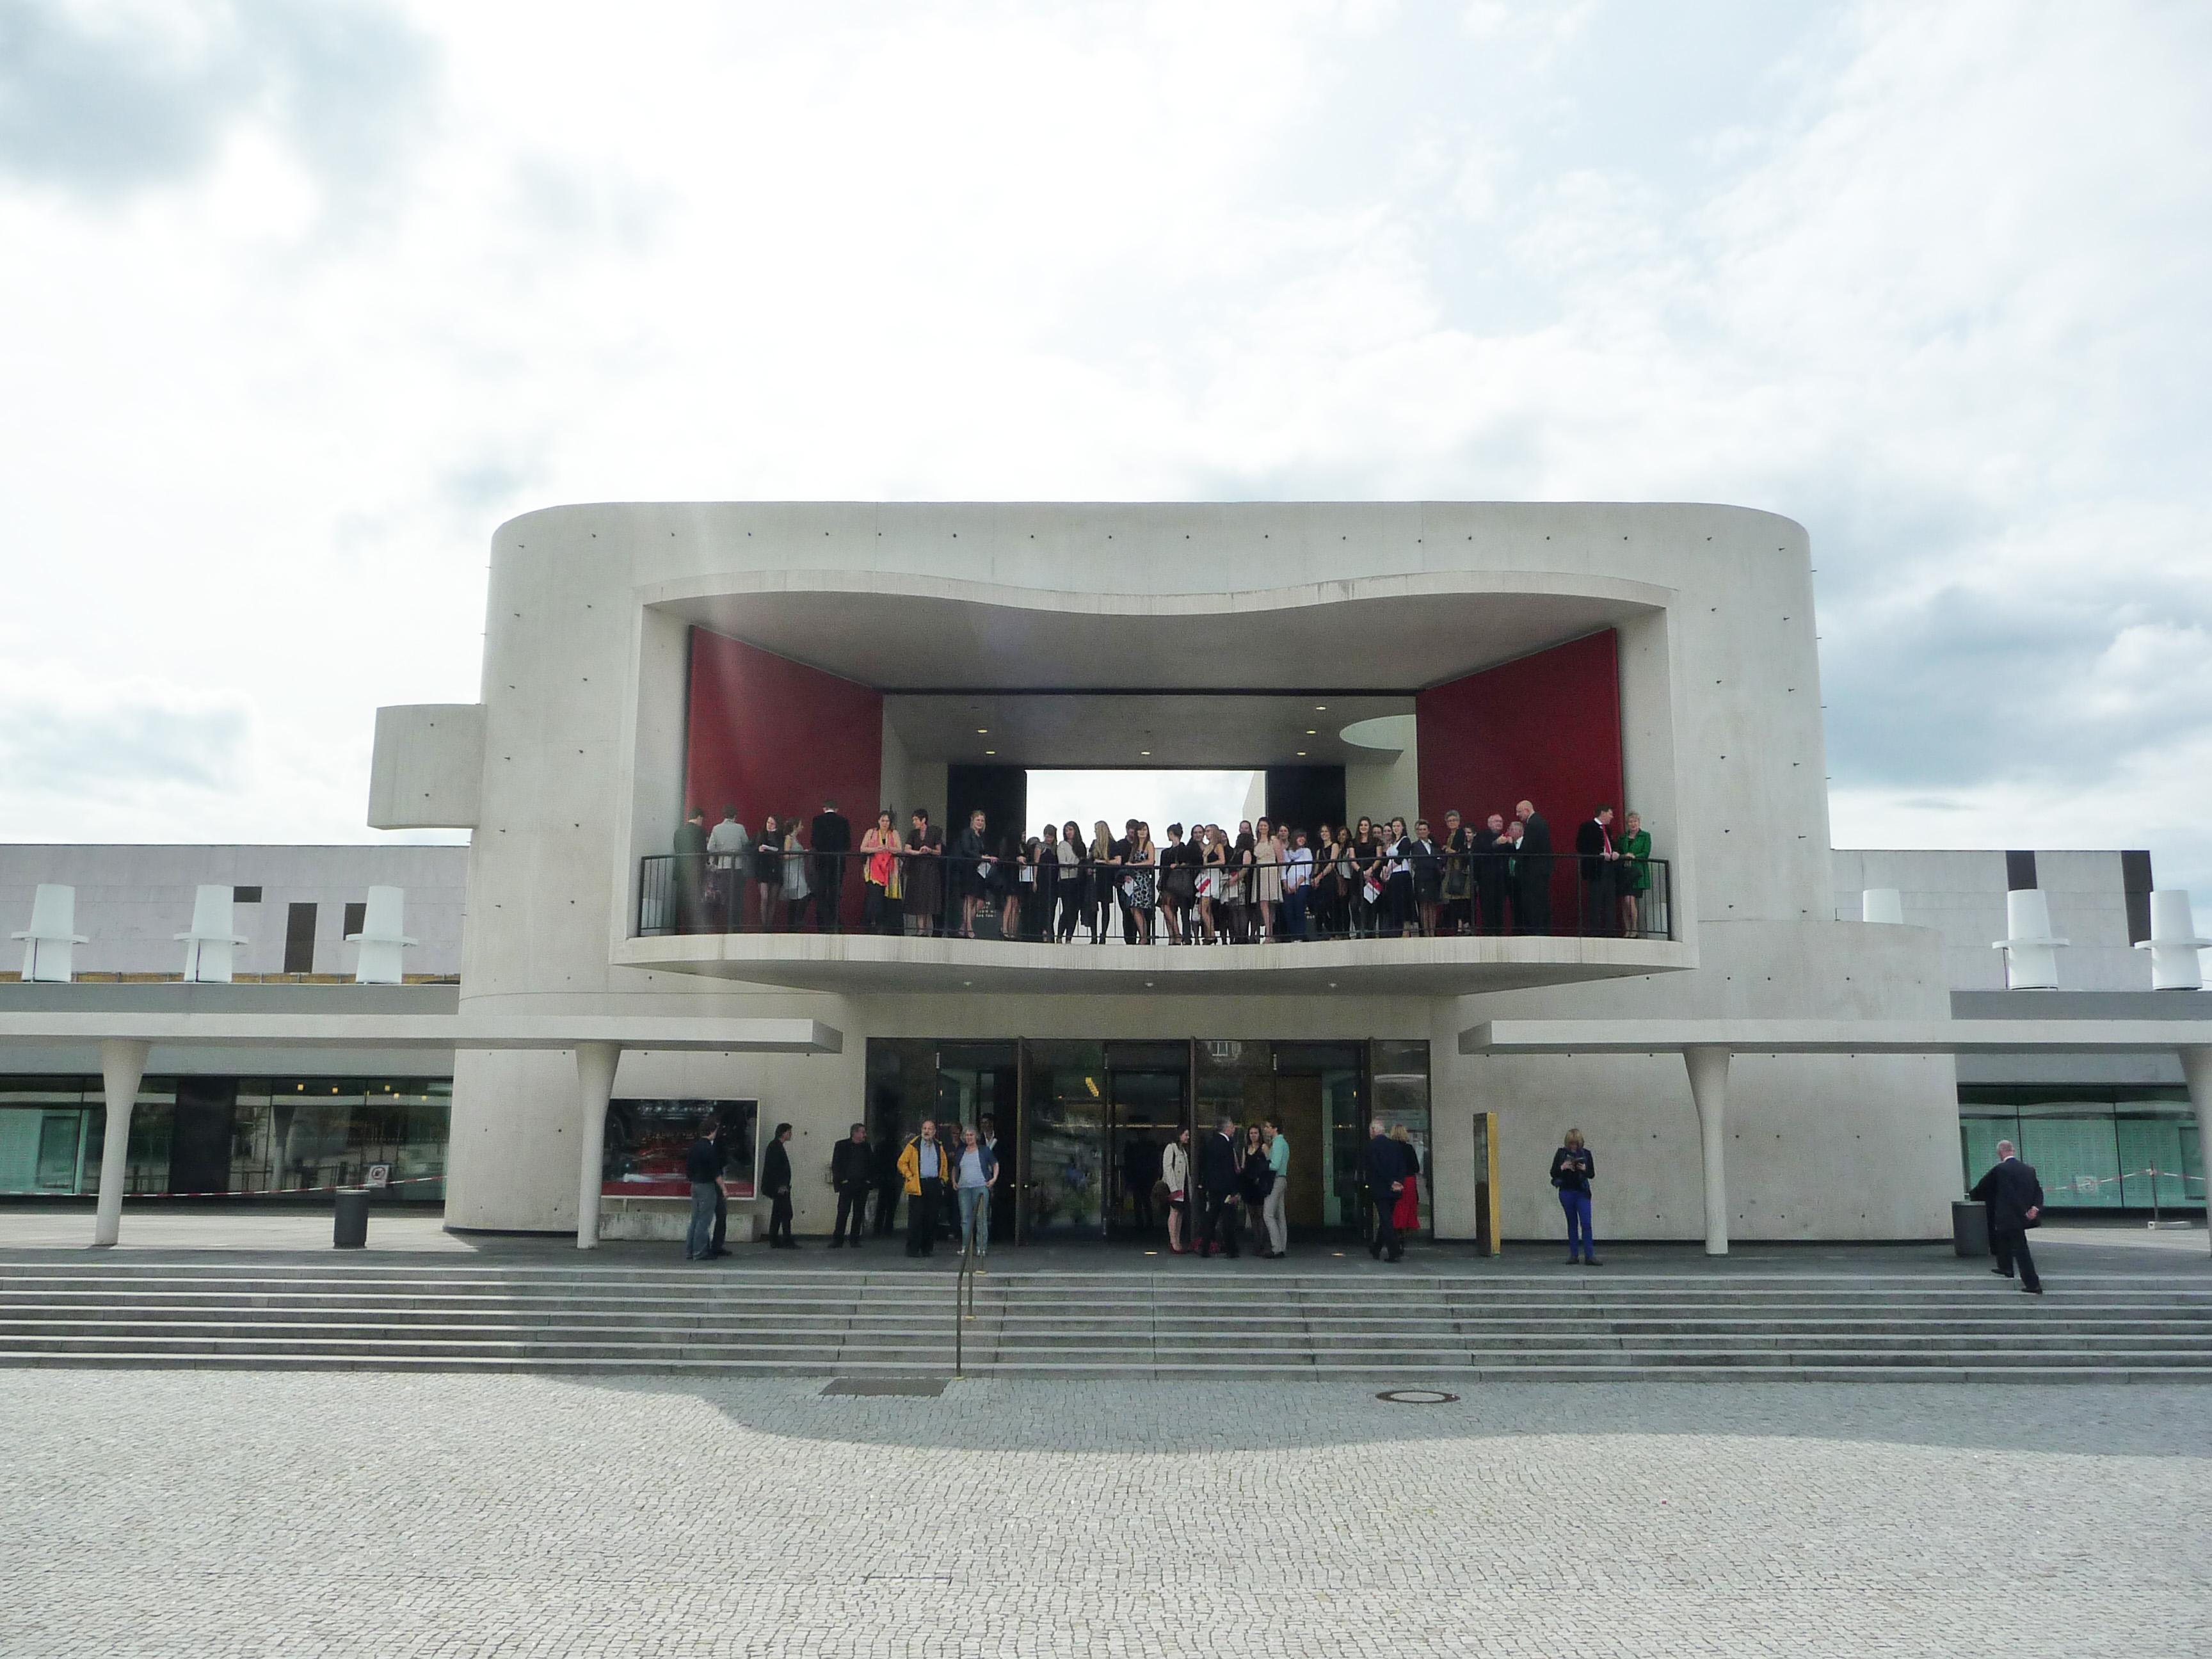 Künstlerisch Innenarchitektur Darmstadt Dekoration Von Exkursion – Theater